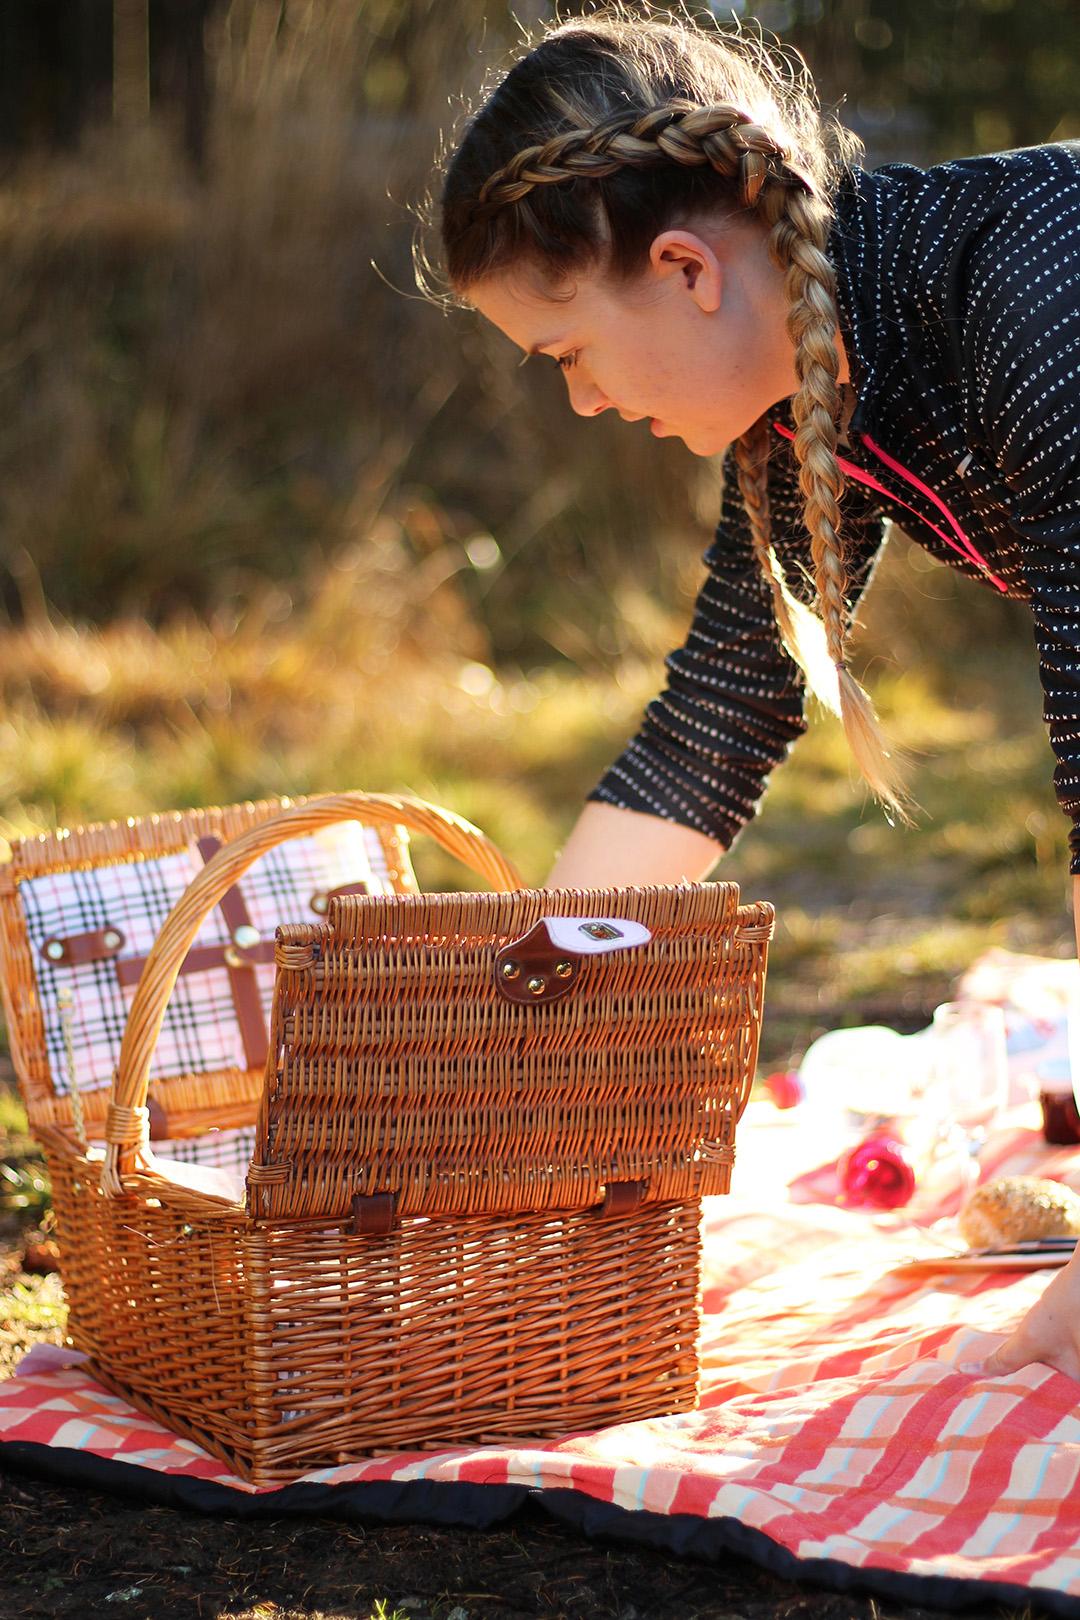 Picknick am Ingerringsee, auspacken vom Korb